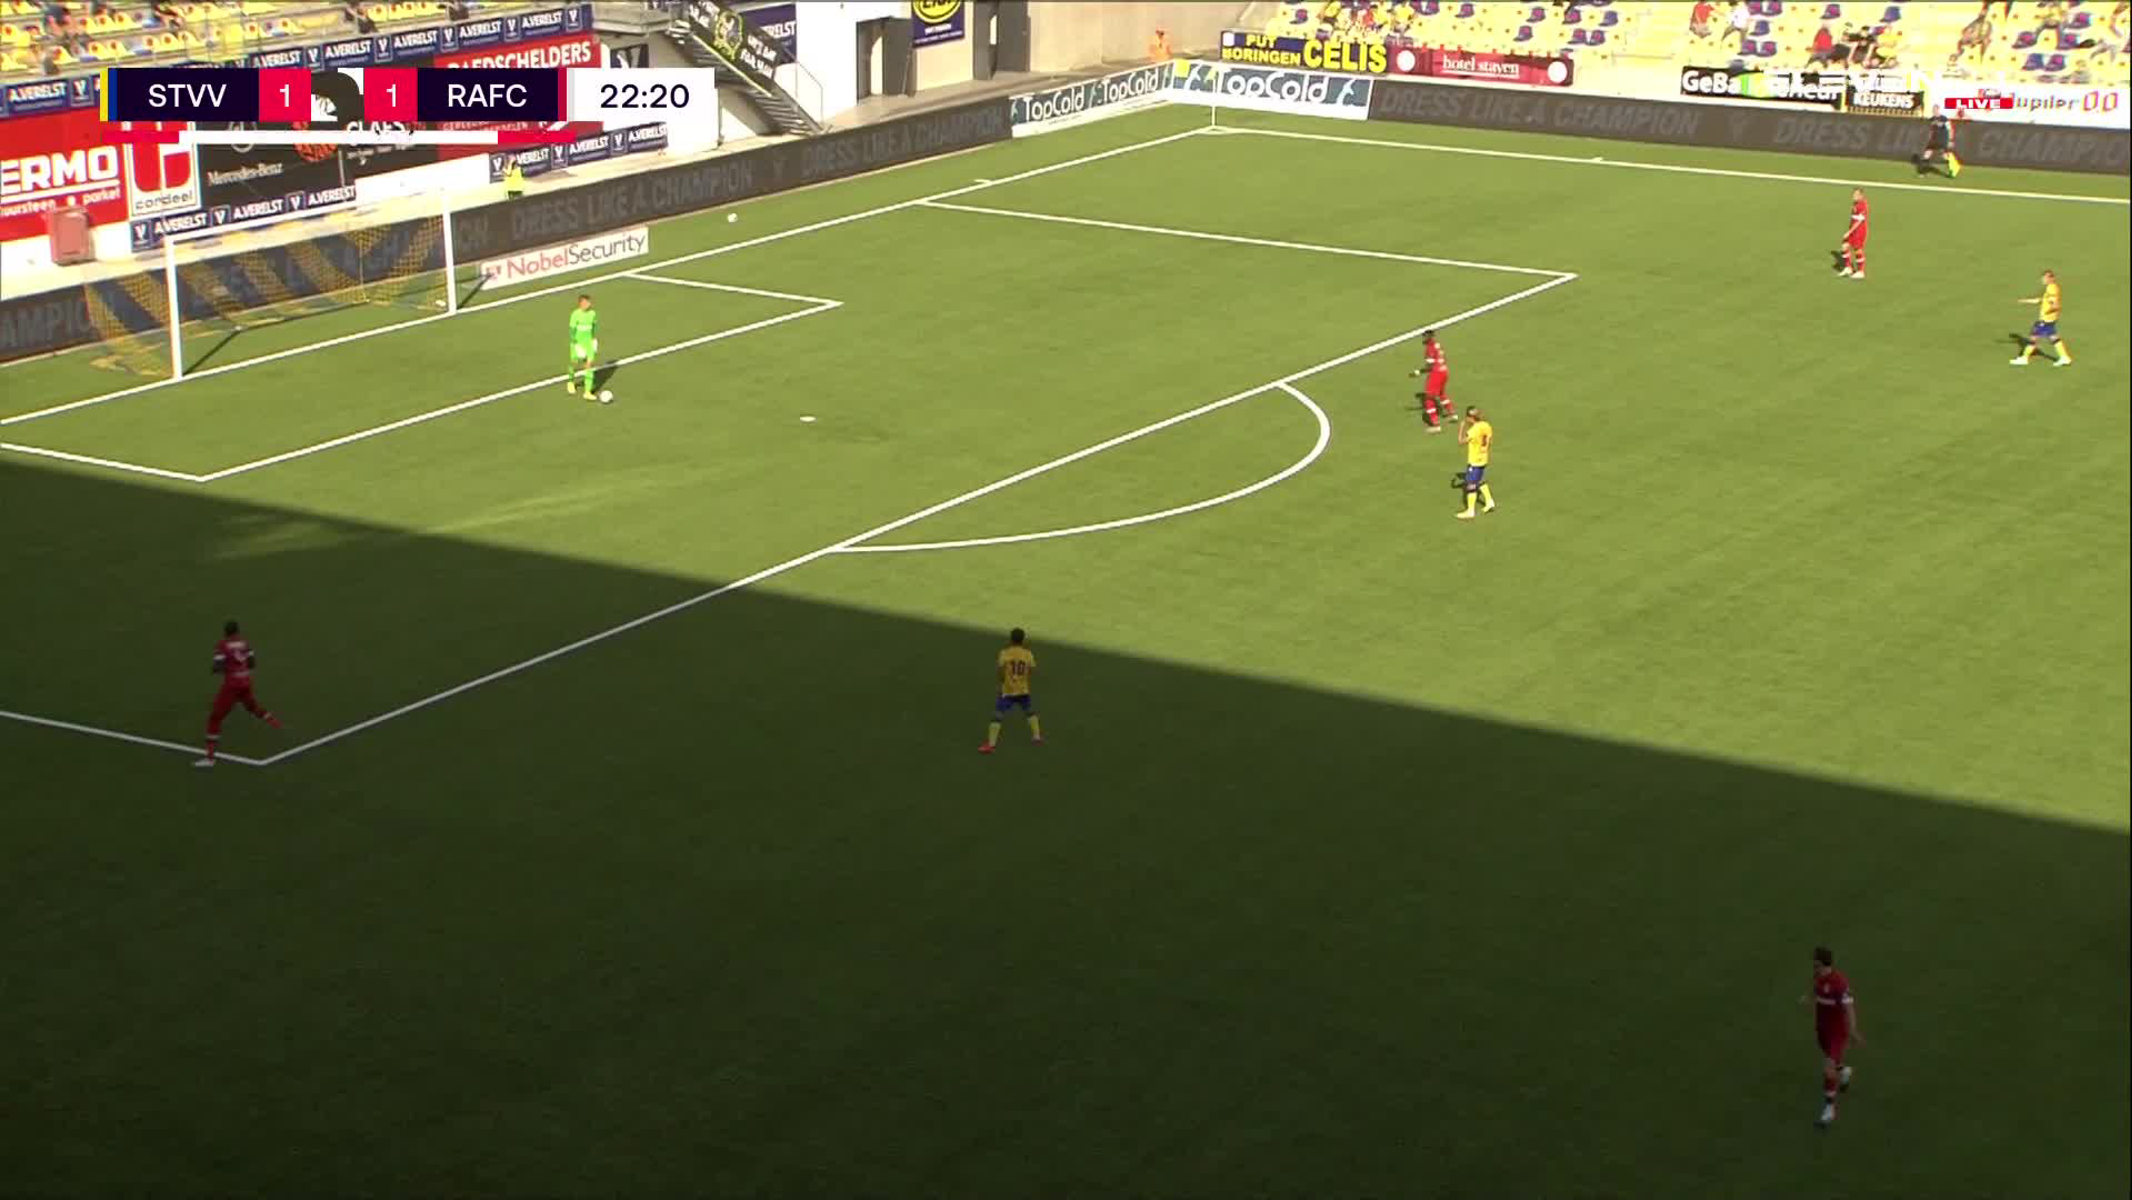 Doelpunt Seung-Woo Lee (STVV vs. Royal Antwerp FC)